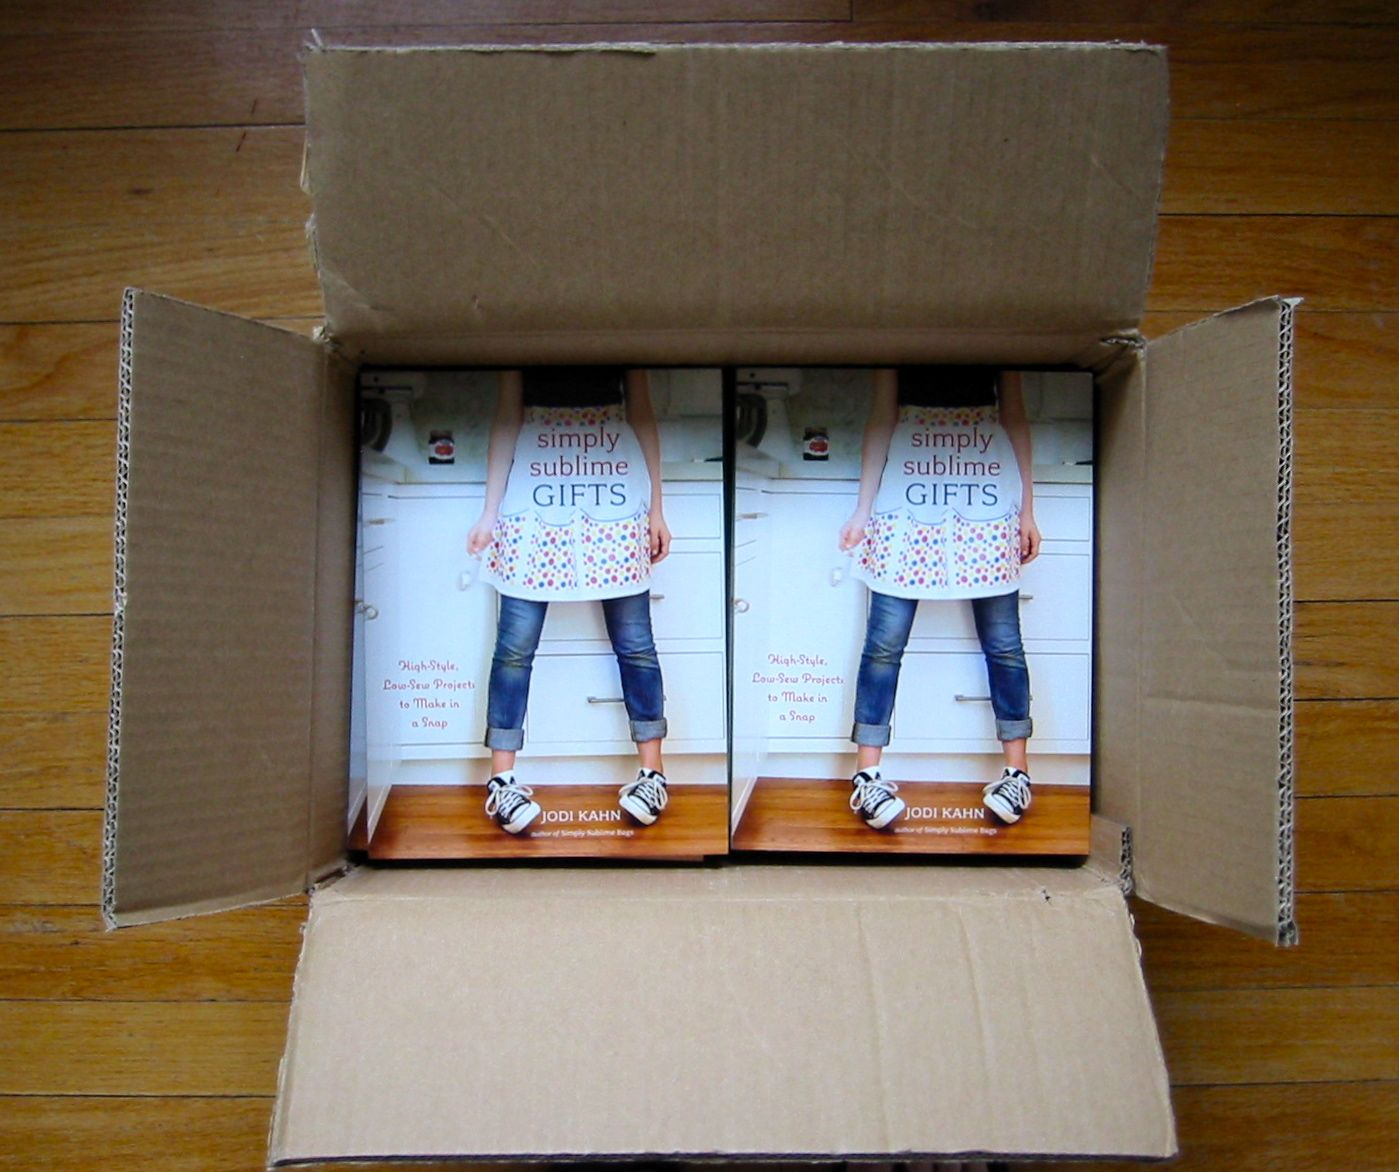 Books in box